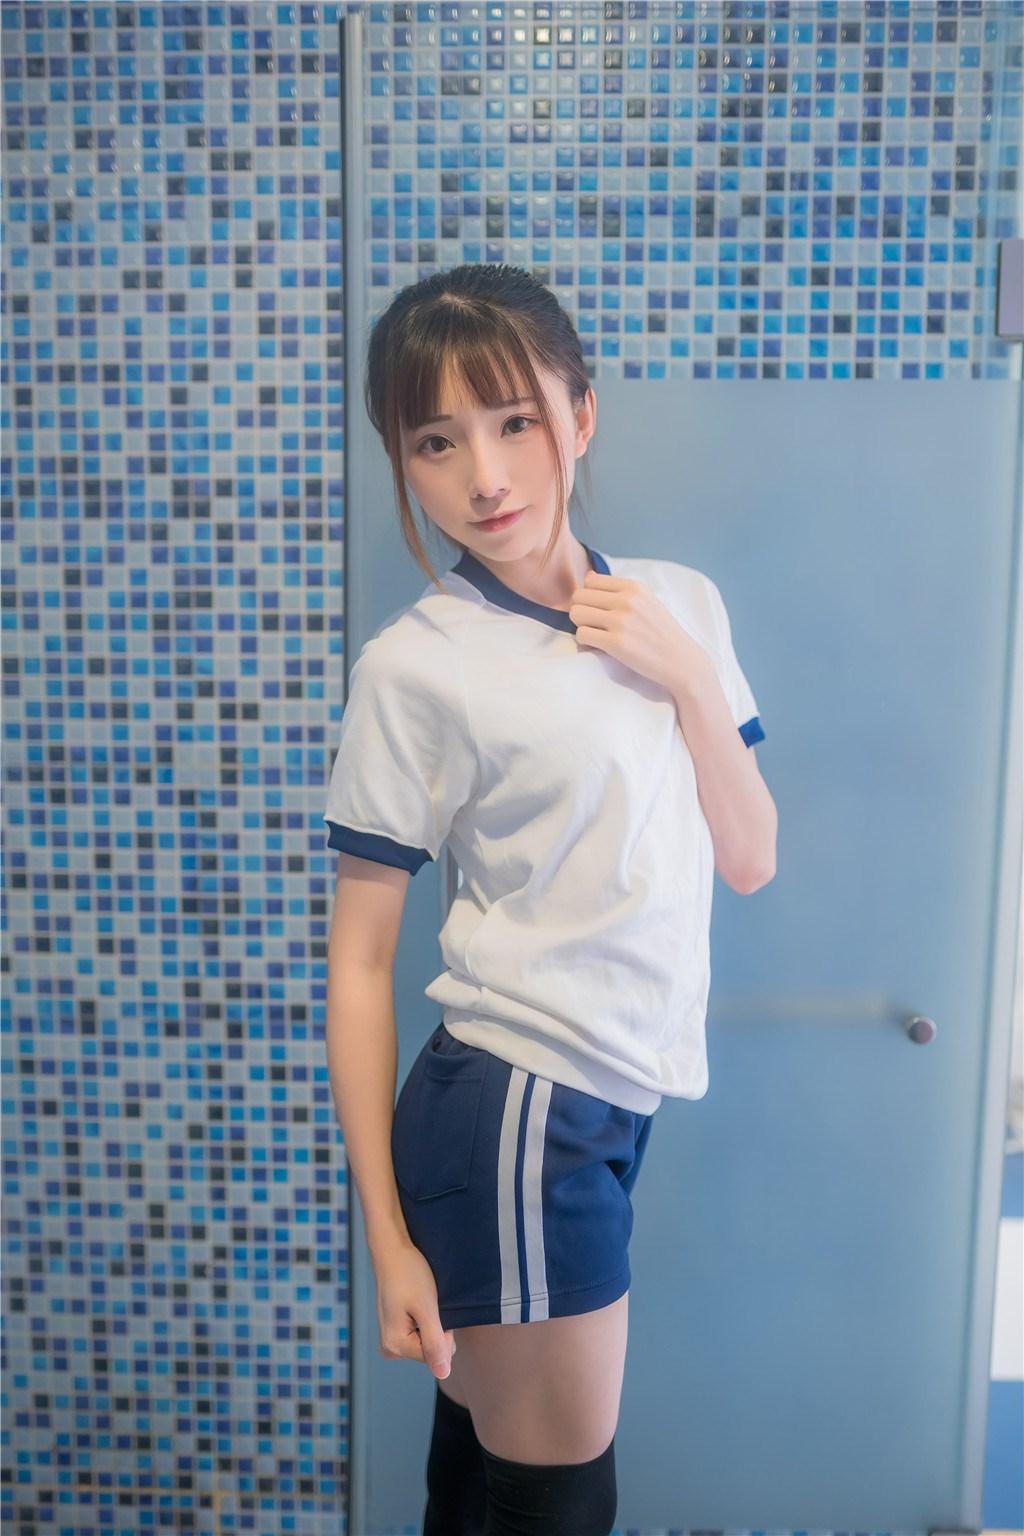 【兔玩映画】vol.20-湿身体操服 兔玩映画 第5张